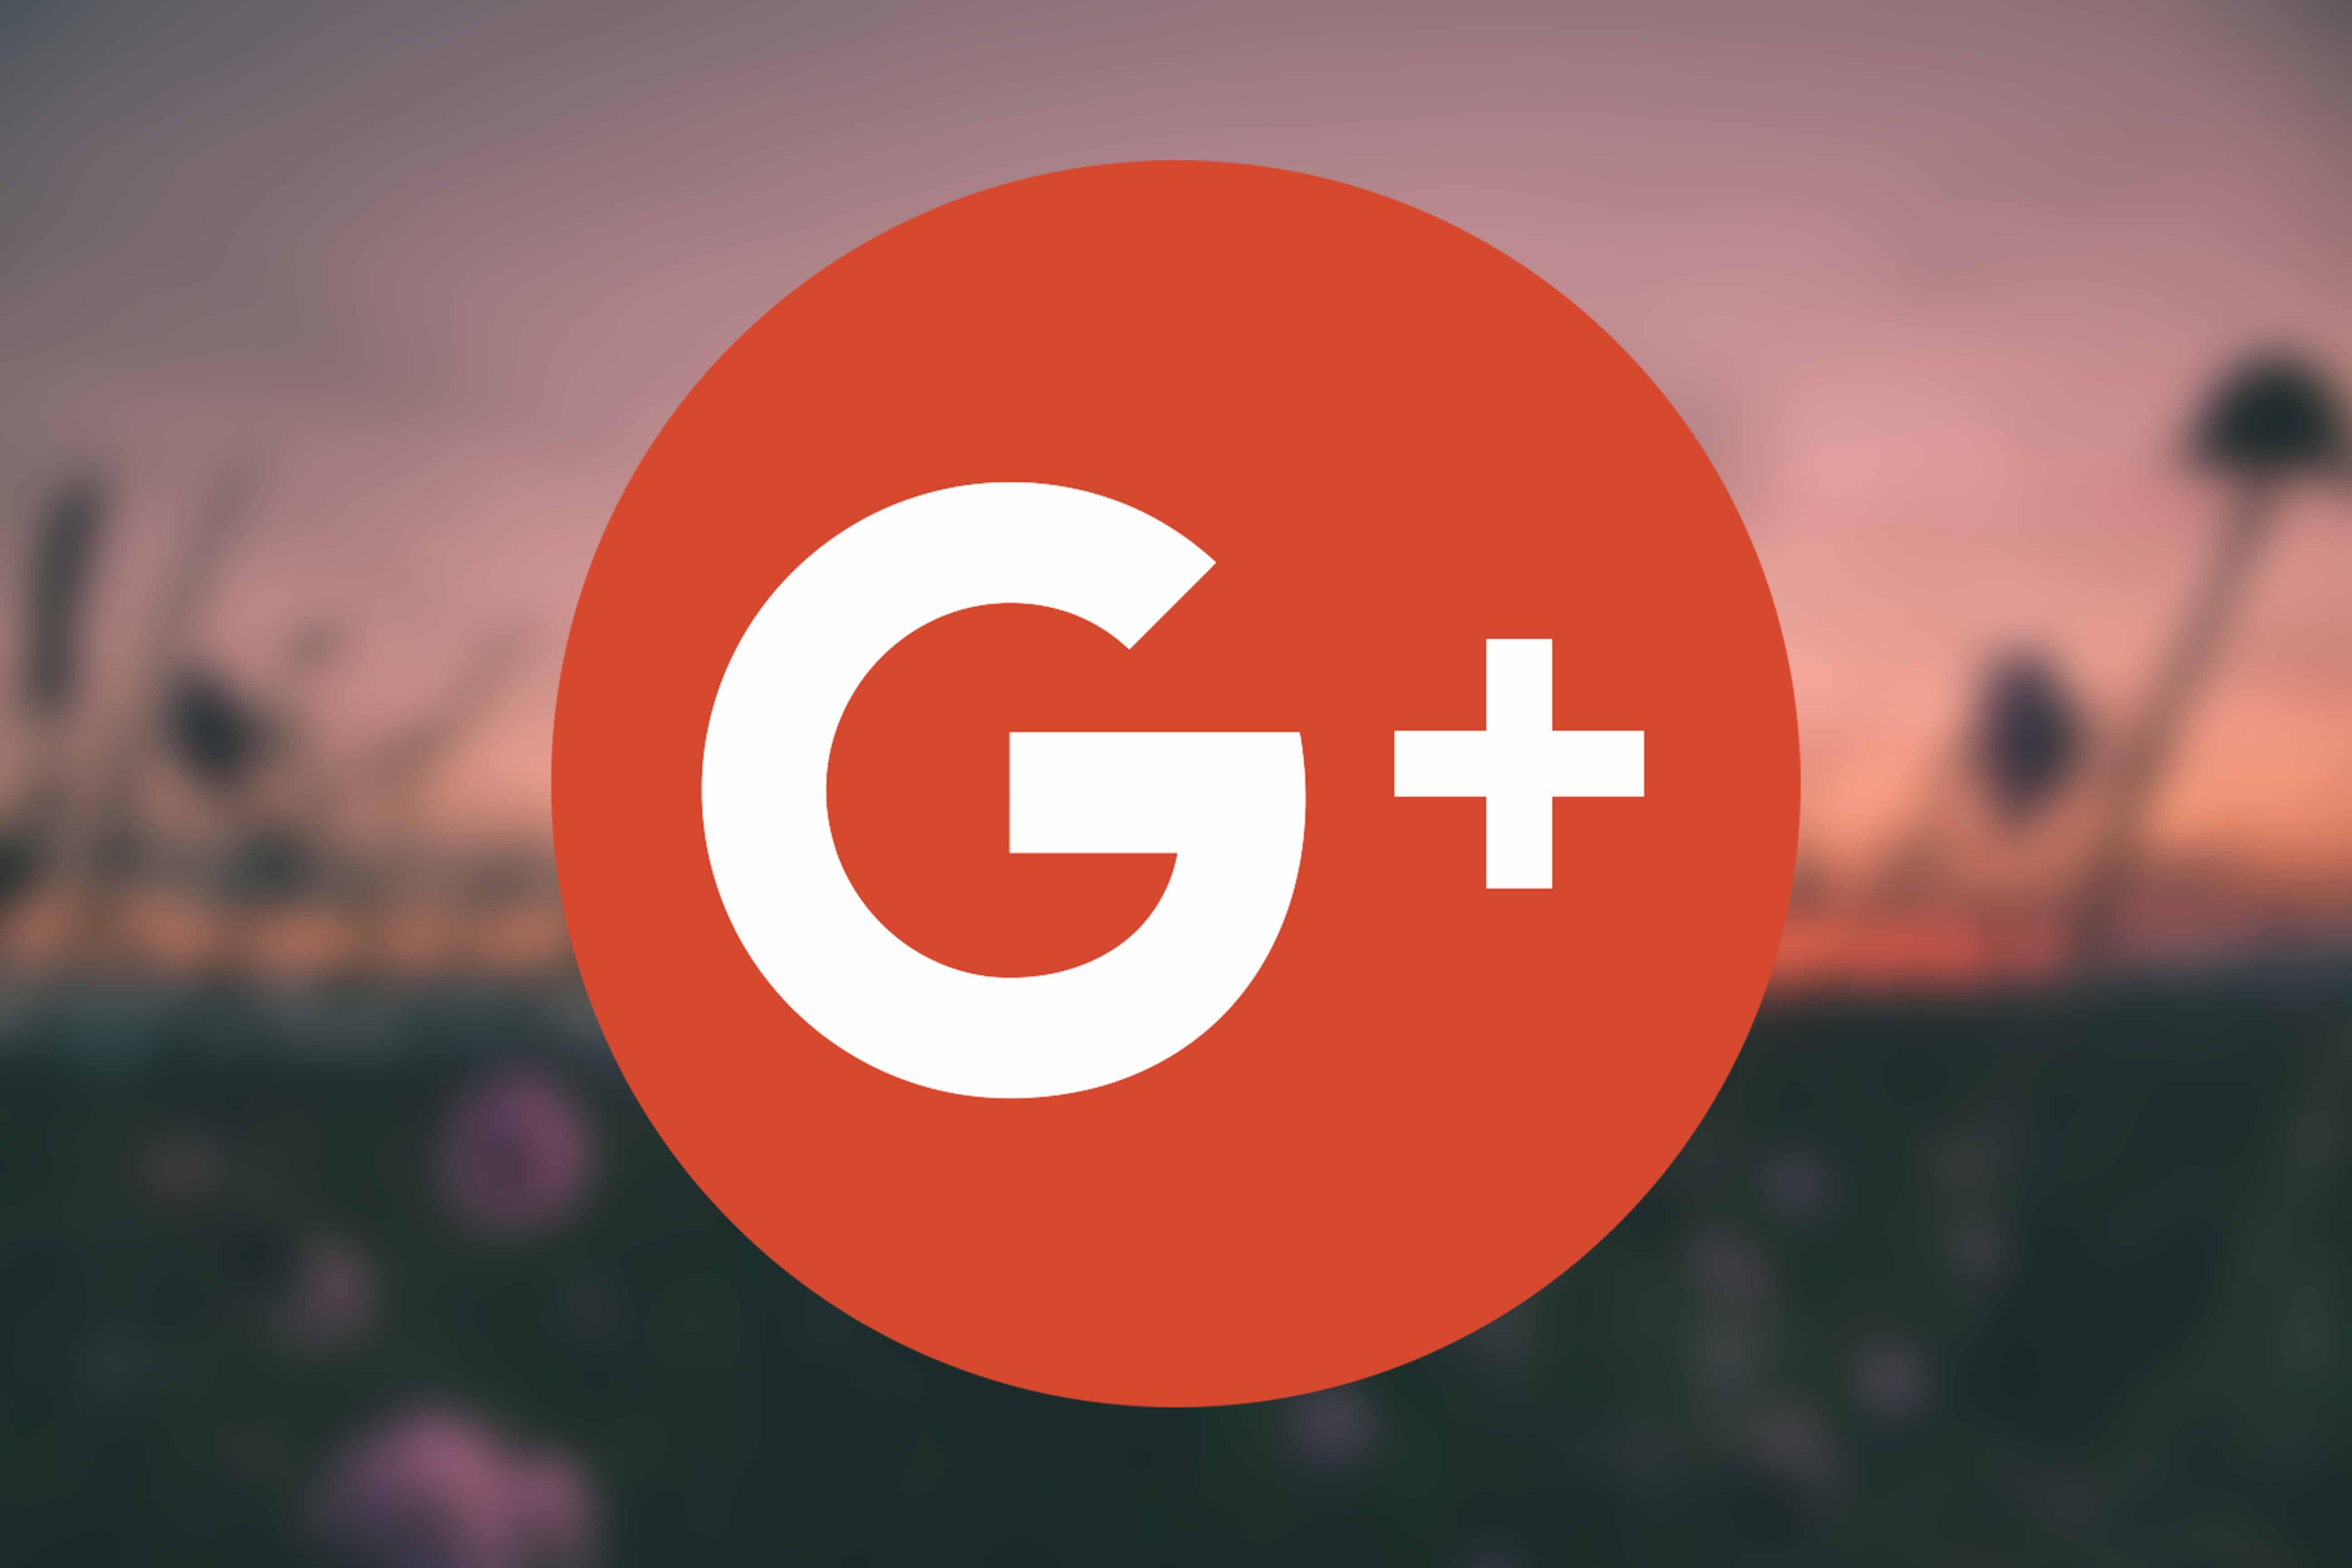 Google+ : le meilleur des réseaux sociaux que nous n'avons pas (assez) utilisé